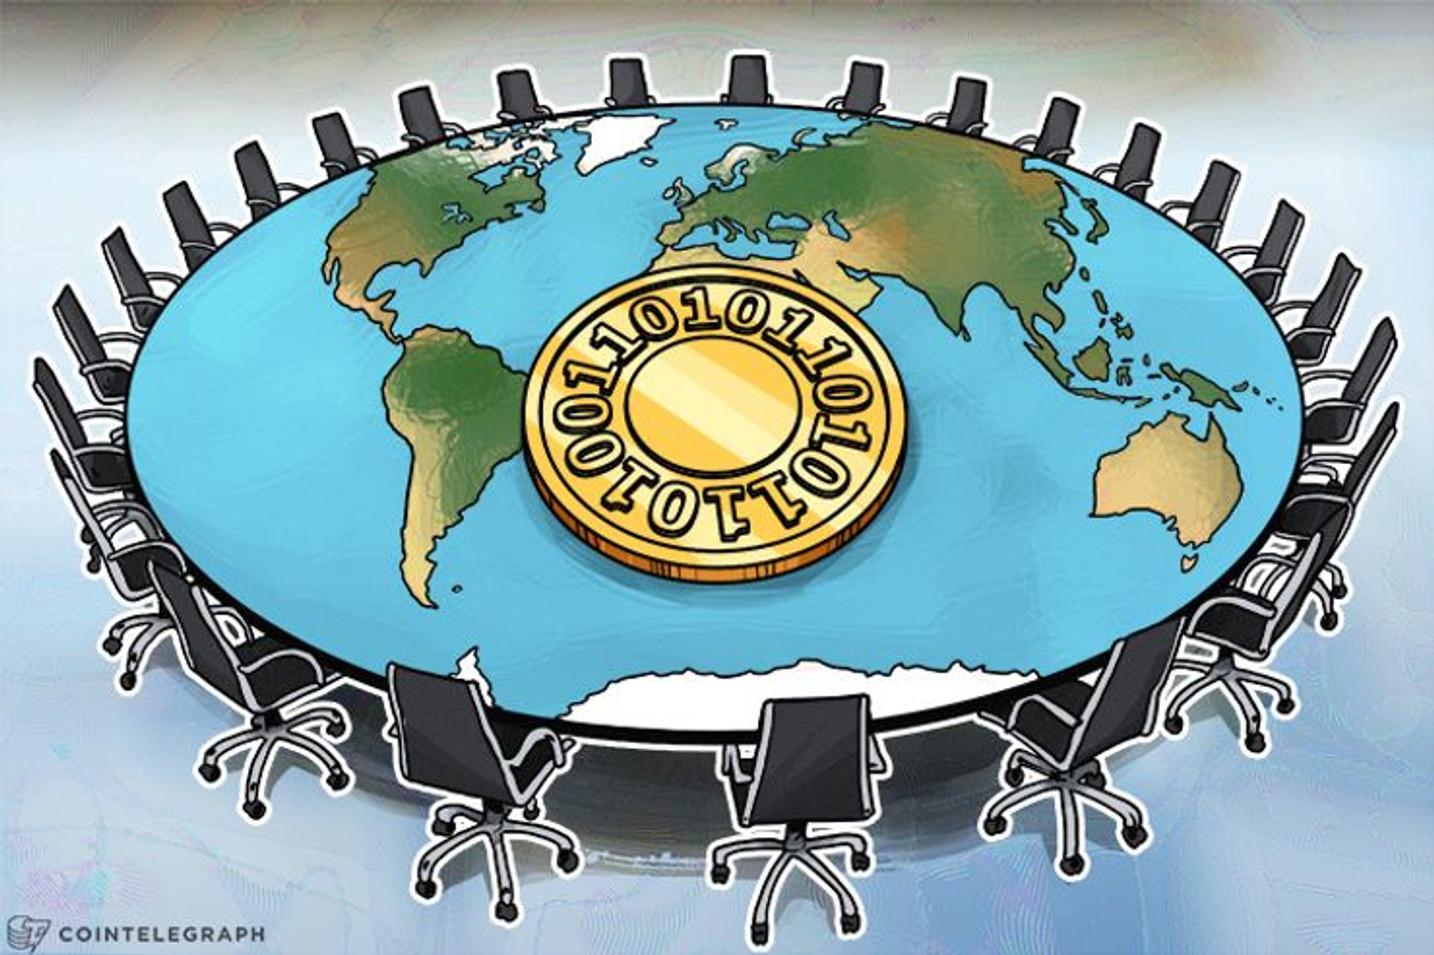 Estiman que el gasto mundial en Blockchain alcanzaría cerca de USD 2.9 mil millones en 2019